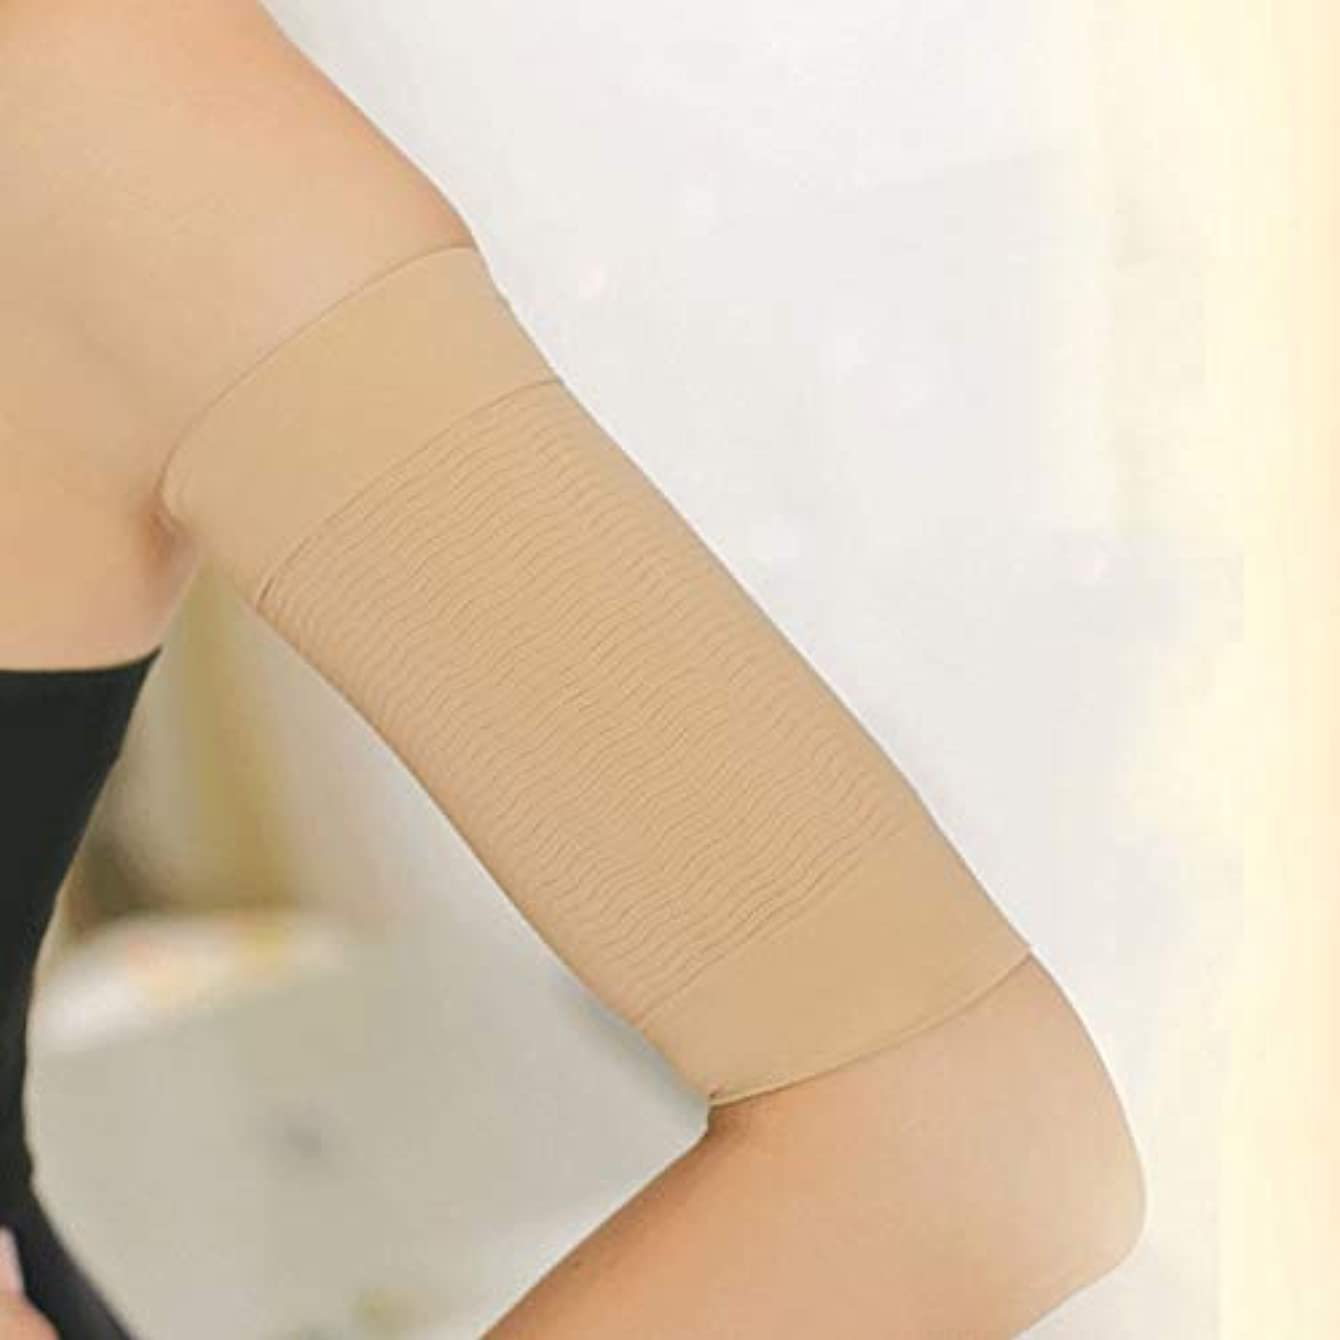 ベイビーイデオロギー幻滅1ペア420 d圧縮痩身アームスリーブワークアウトトーニングバーンセルライトシェイパー脂肪燃焼袖用女性